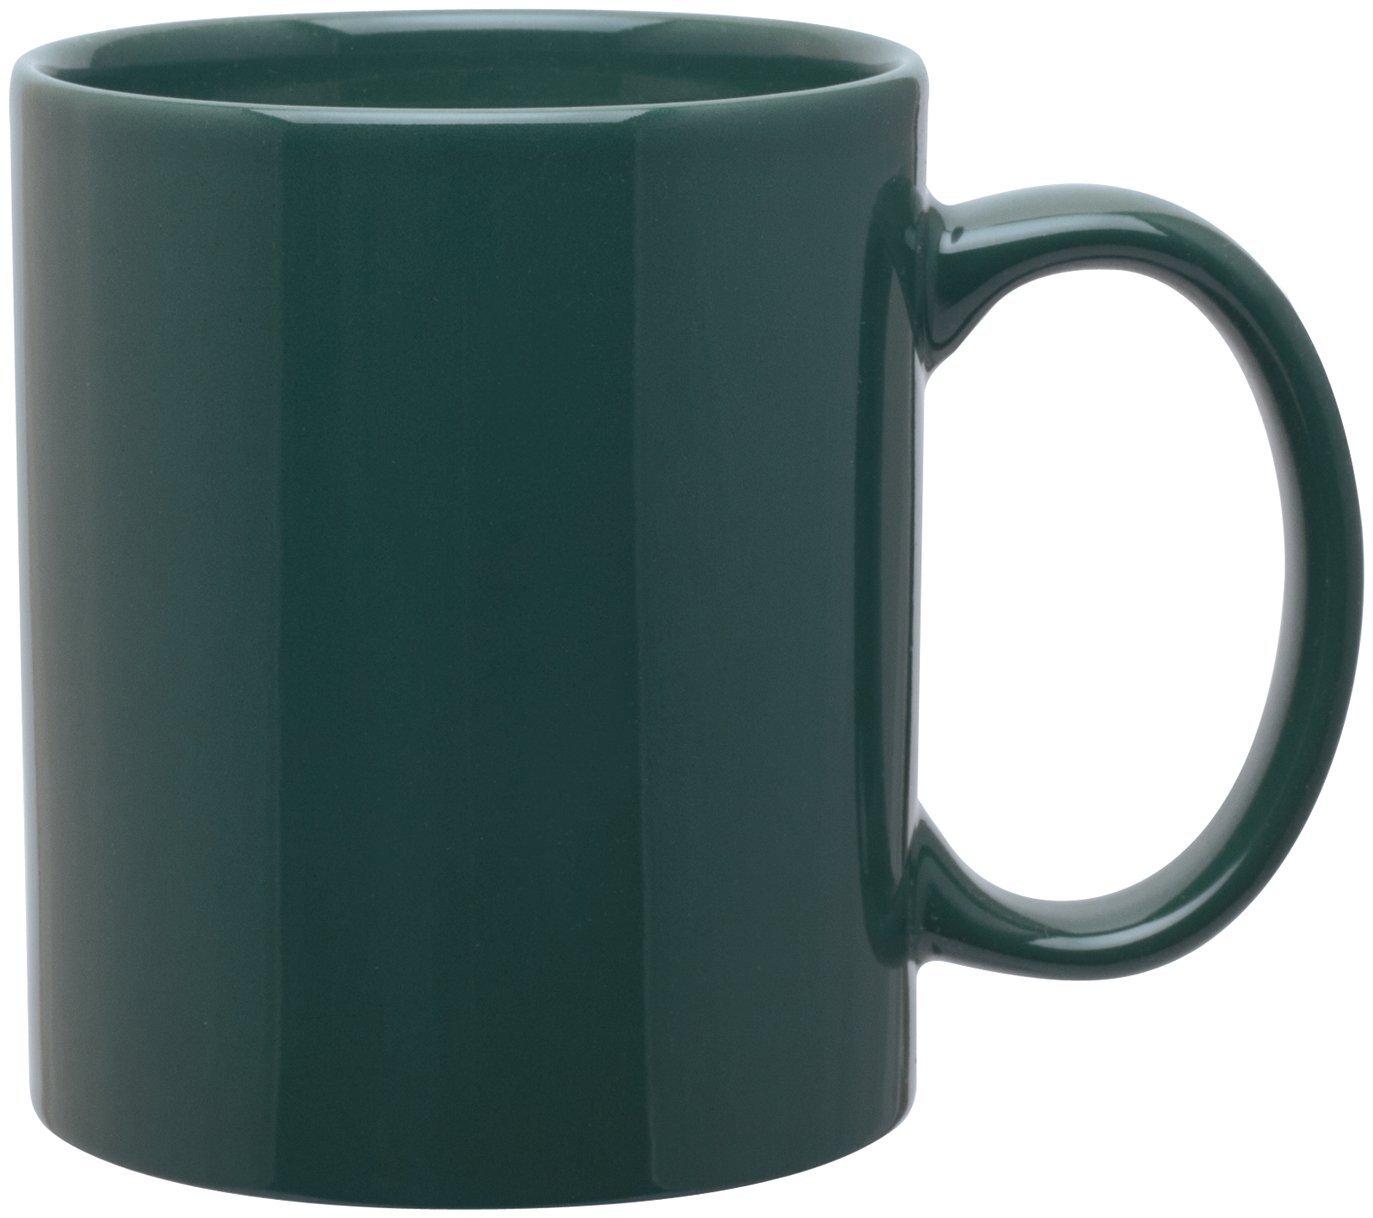 Classic C-Handle Mug, 11oz. - Colors